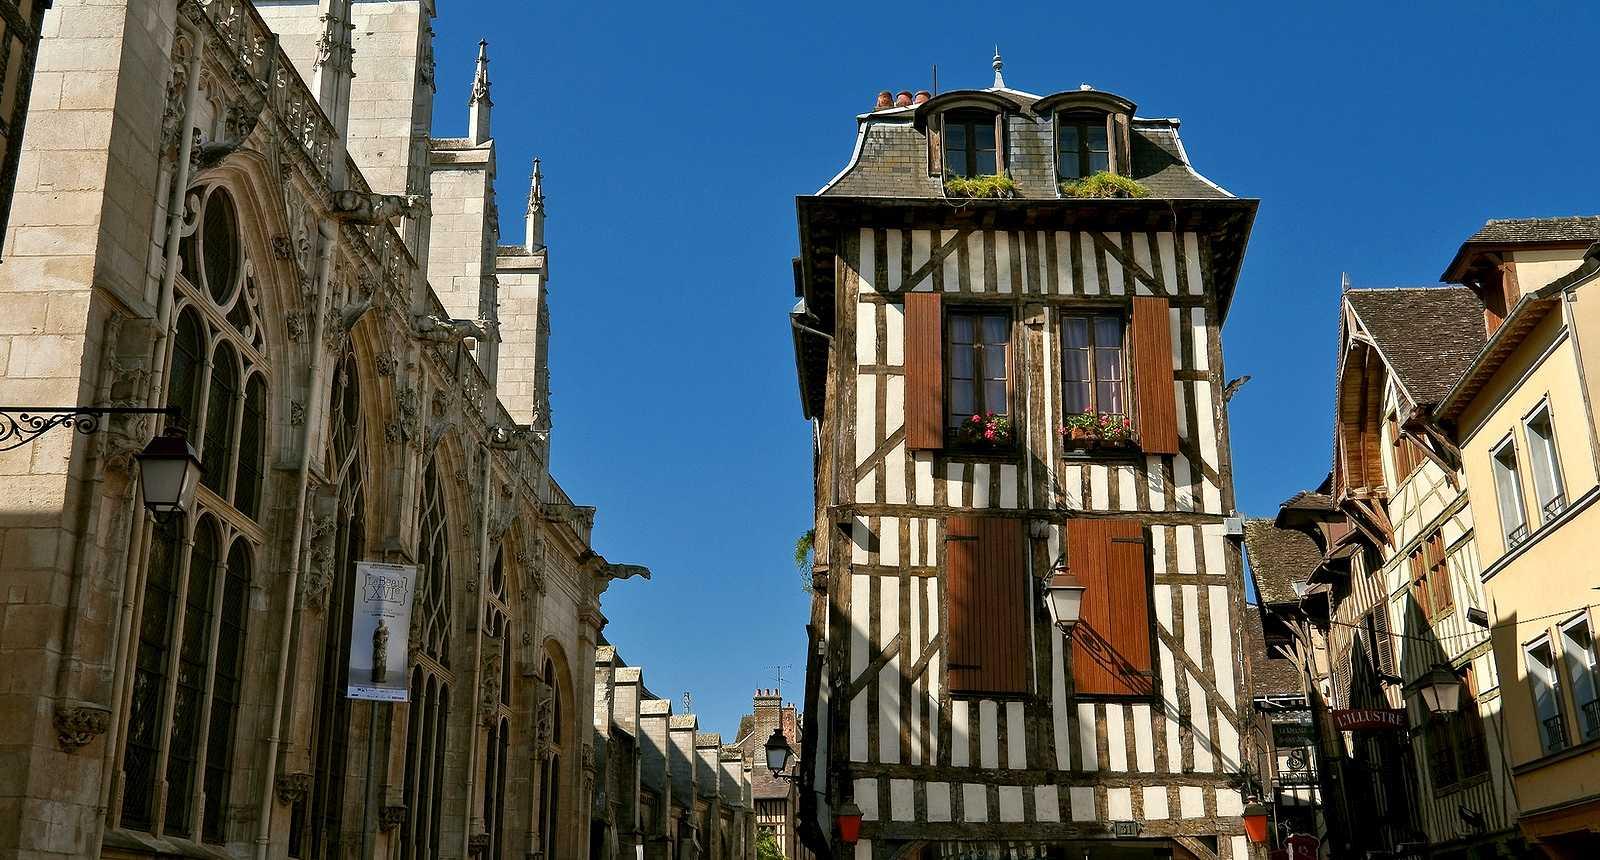 La ville médiévale de Troyes